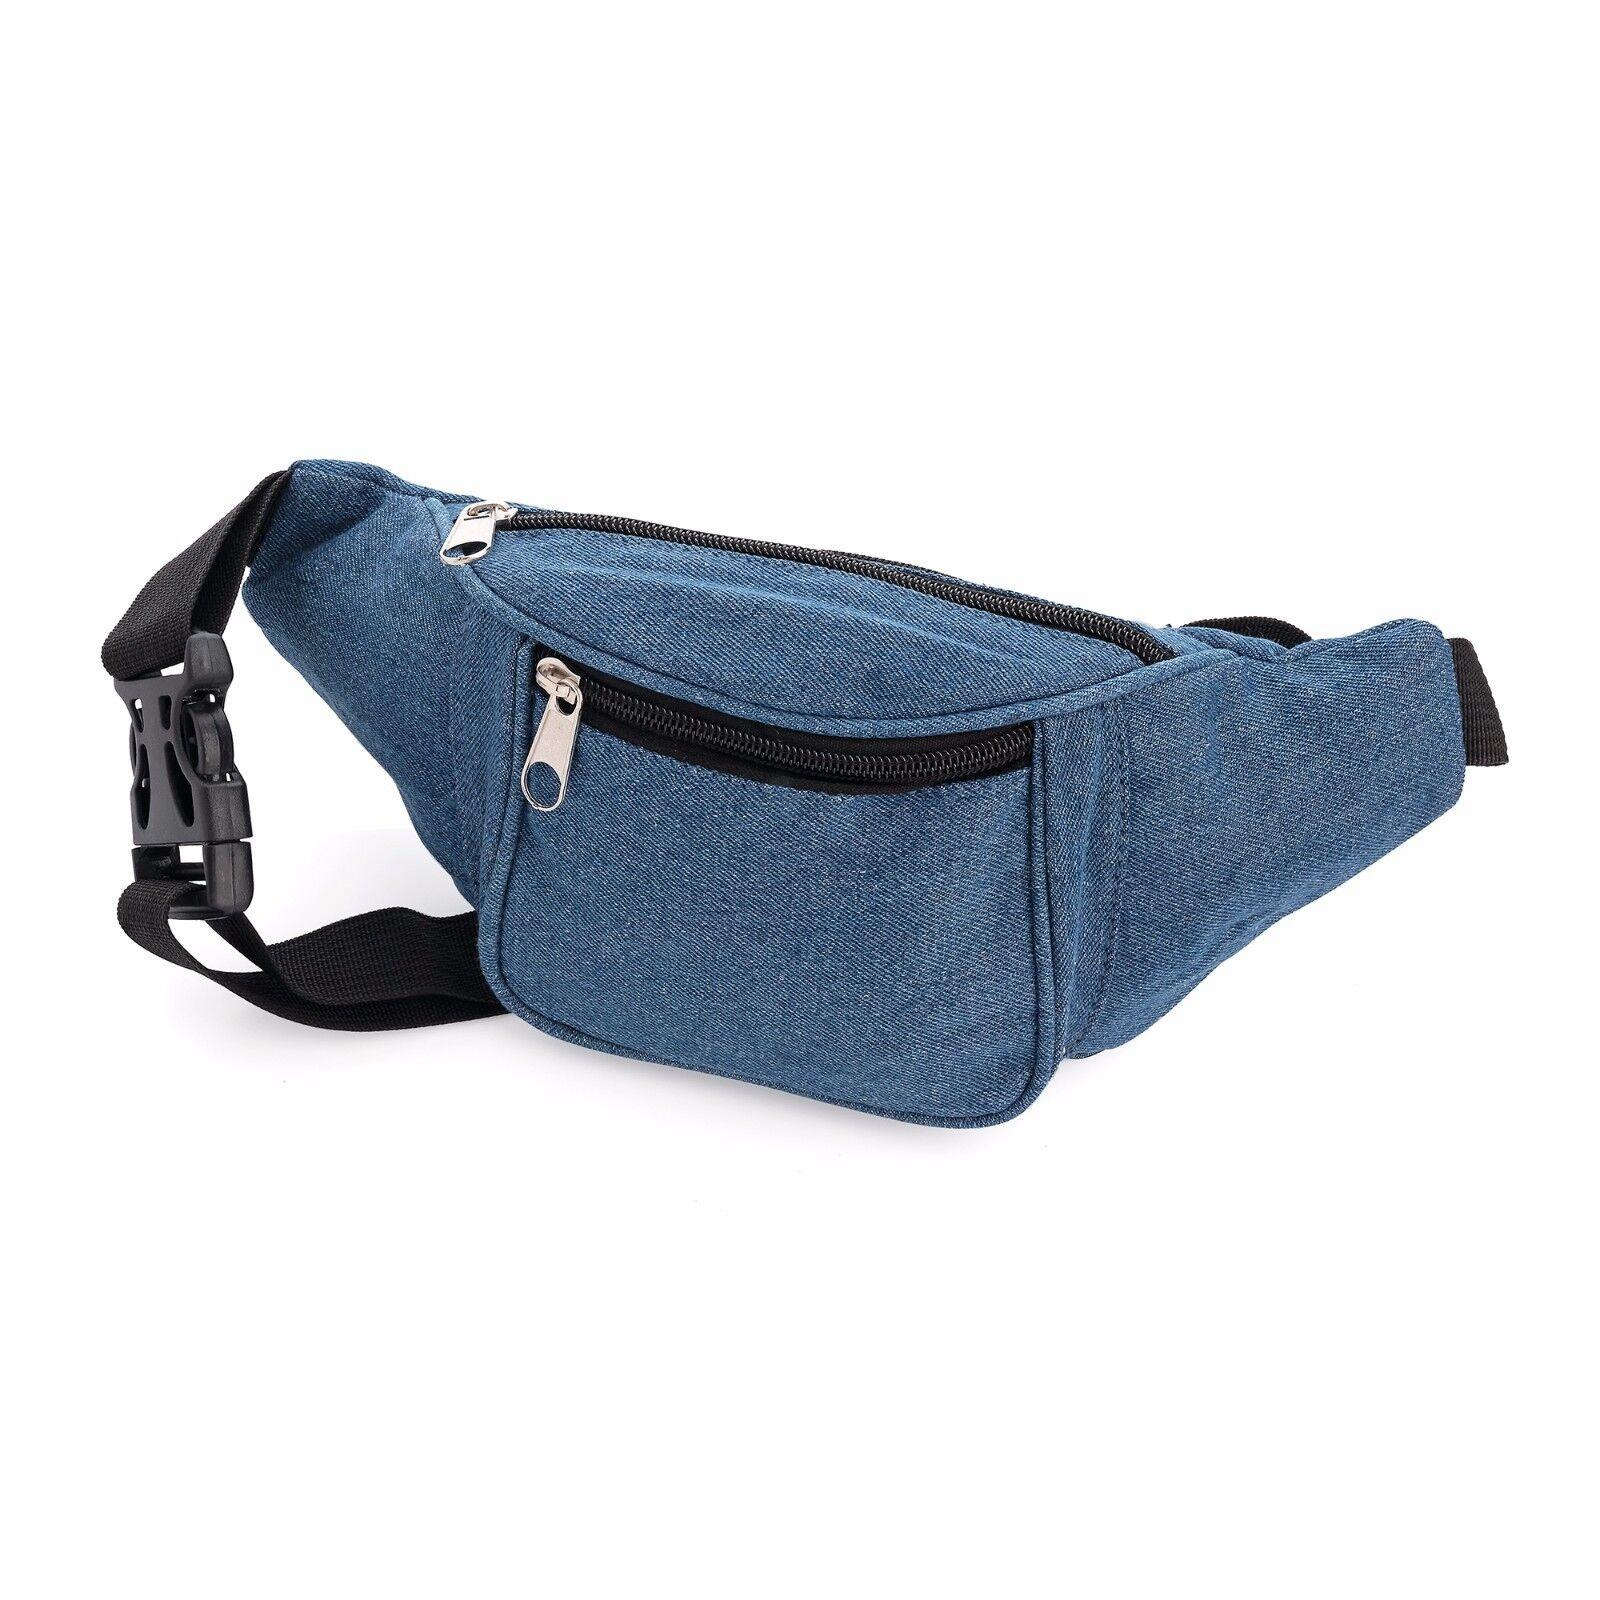 Medium Blue Denim Toile Bum Sac Fanny Pack Pack Pack Festival Vacances Argent Accessoires cc9dc9